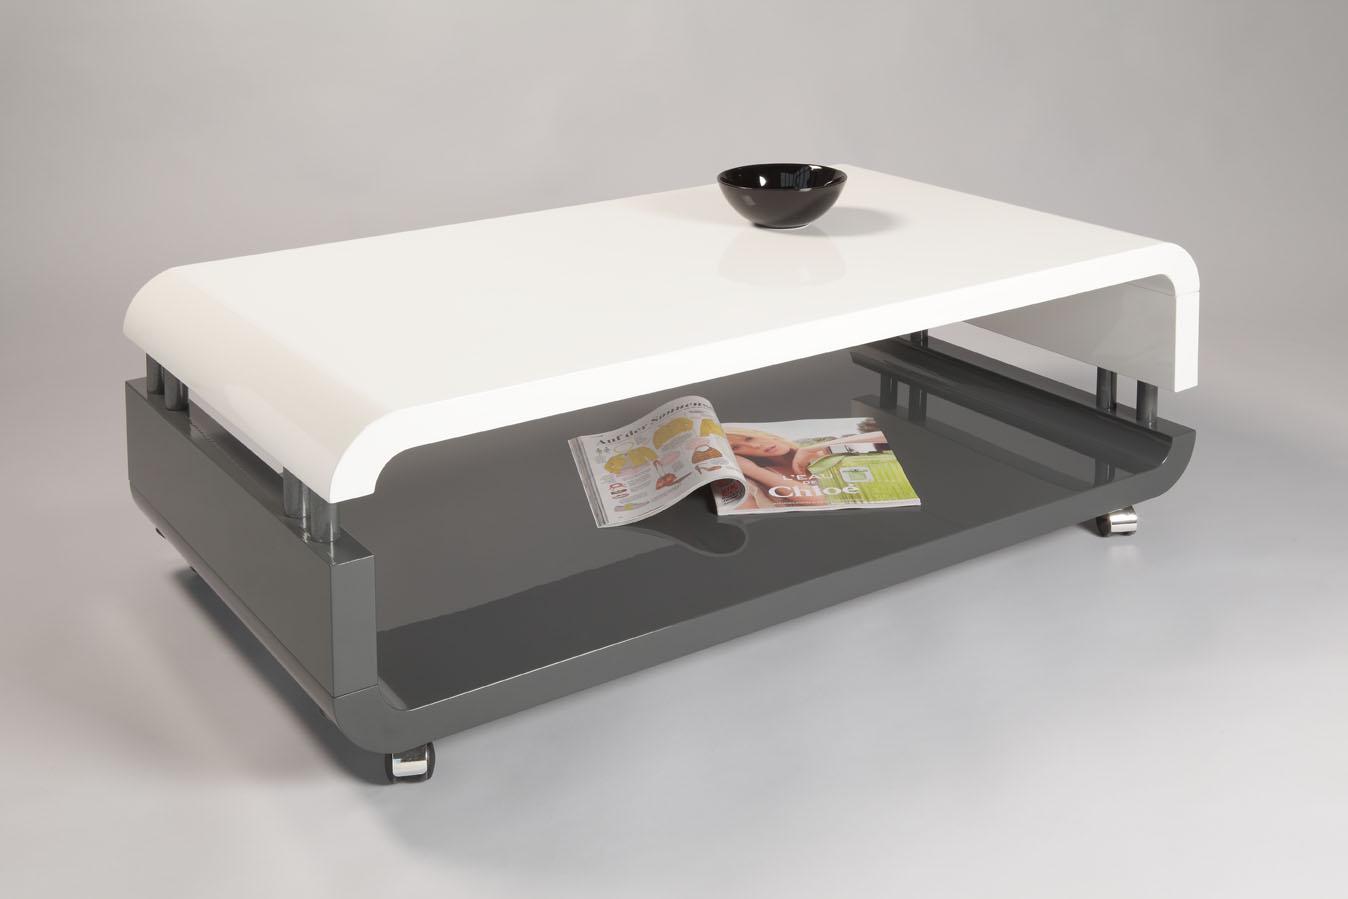 couchtisch wohnzimmertisch andrea 60x60 cm hochglanz weiss. Black Bedroom Furniture Sets. Home Design Ideas